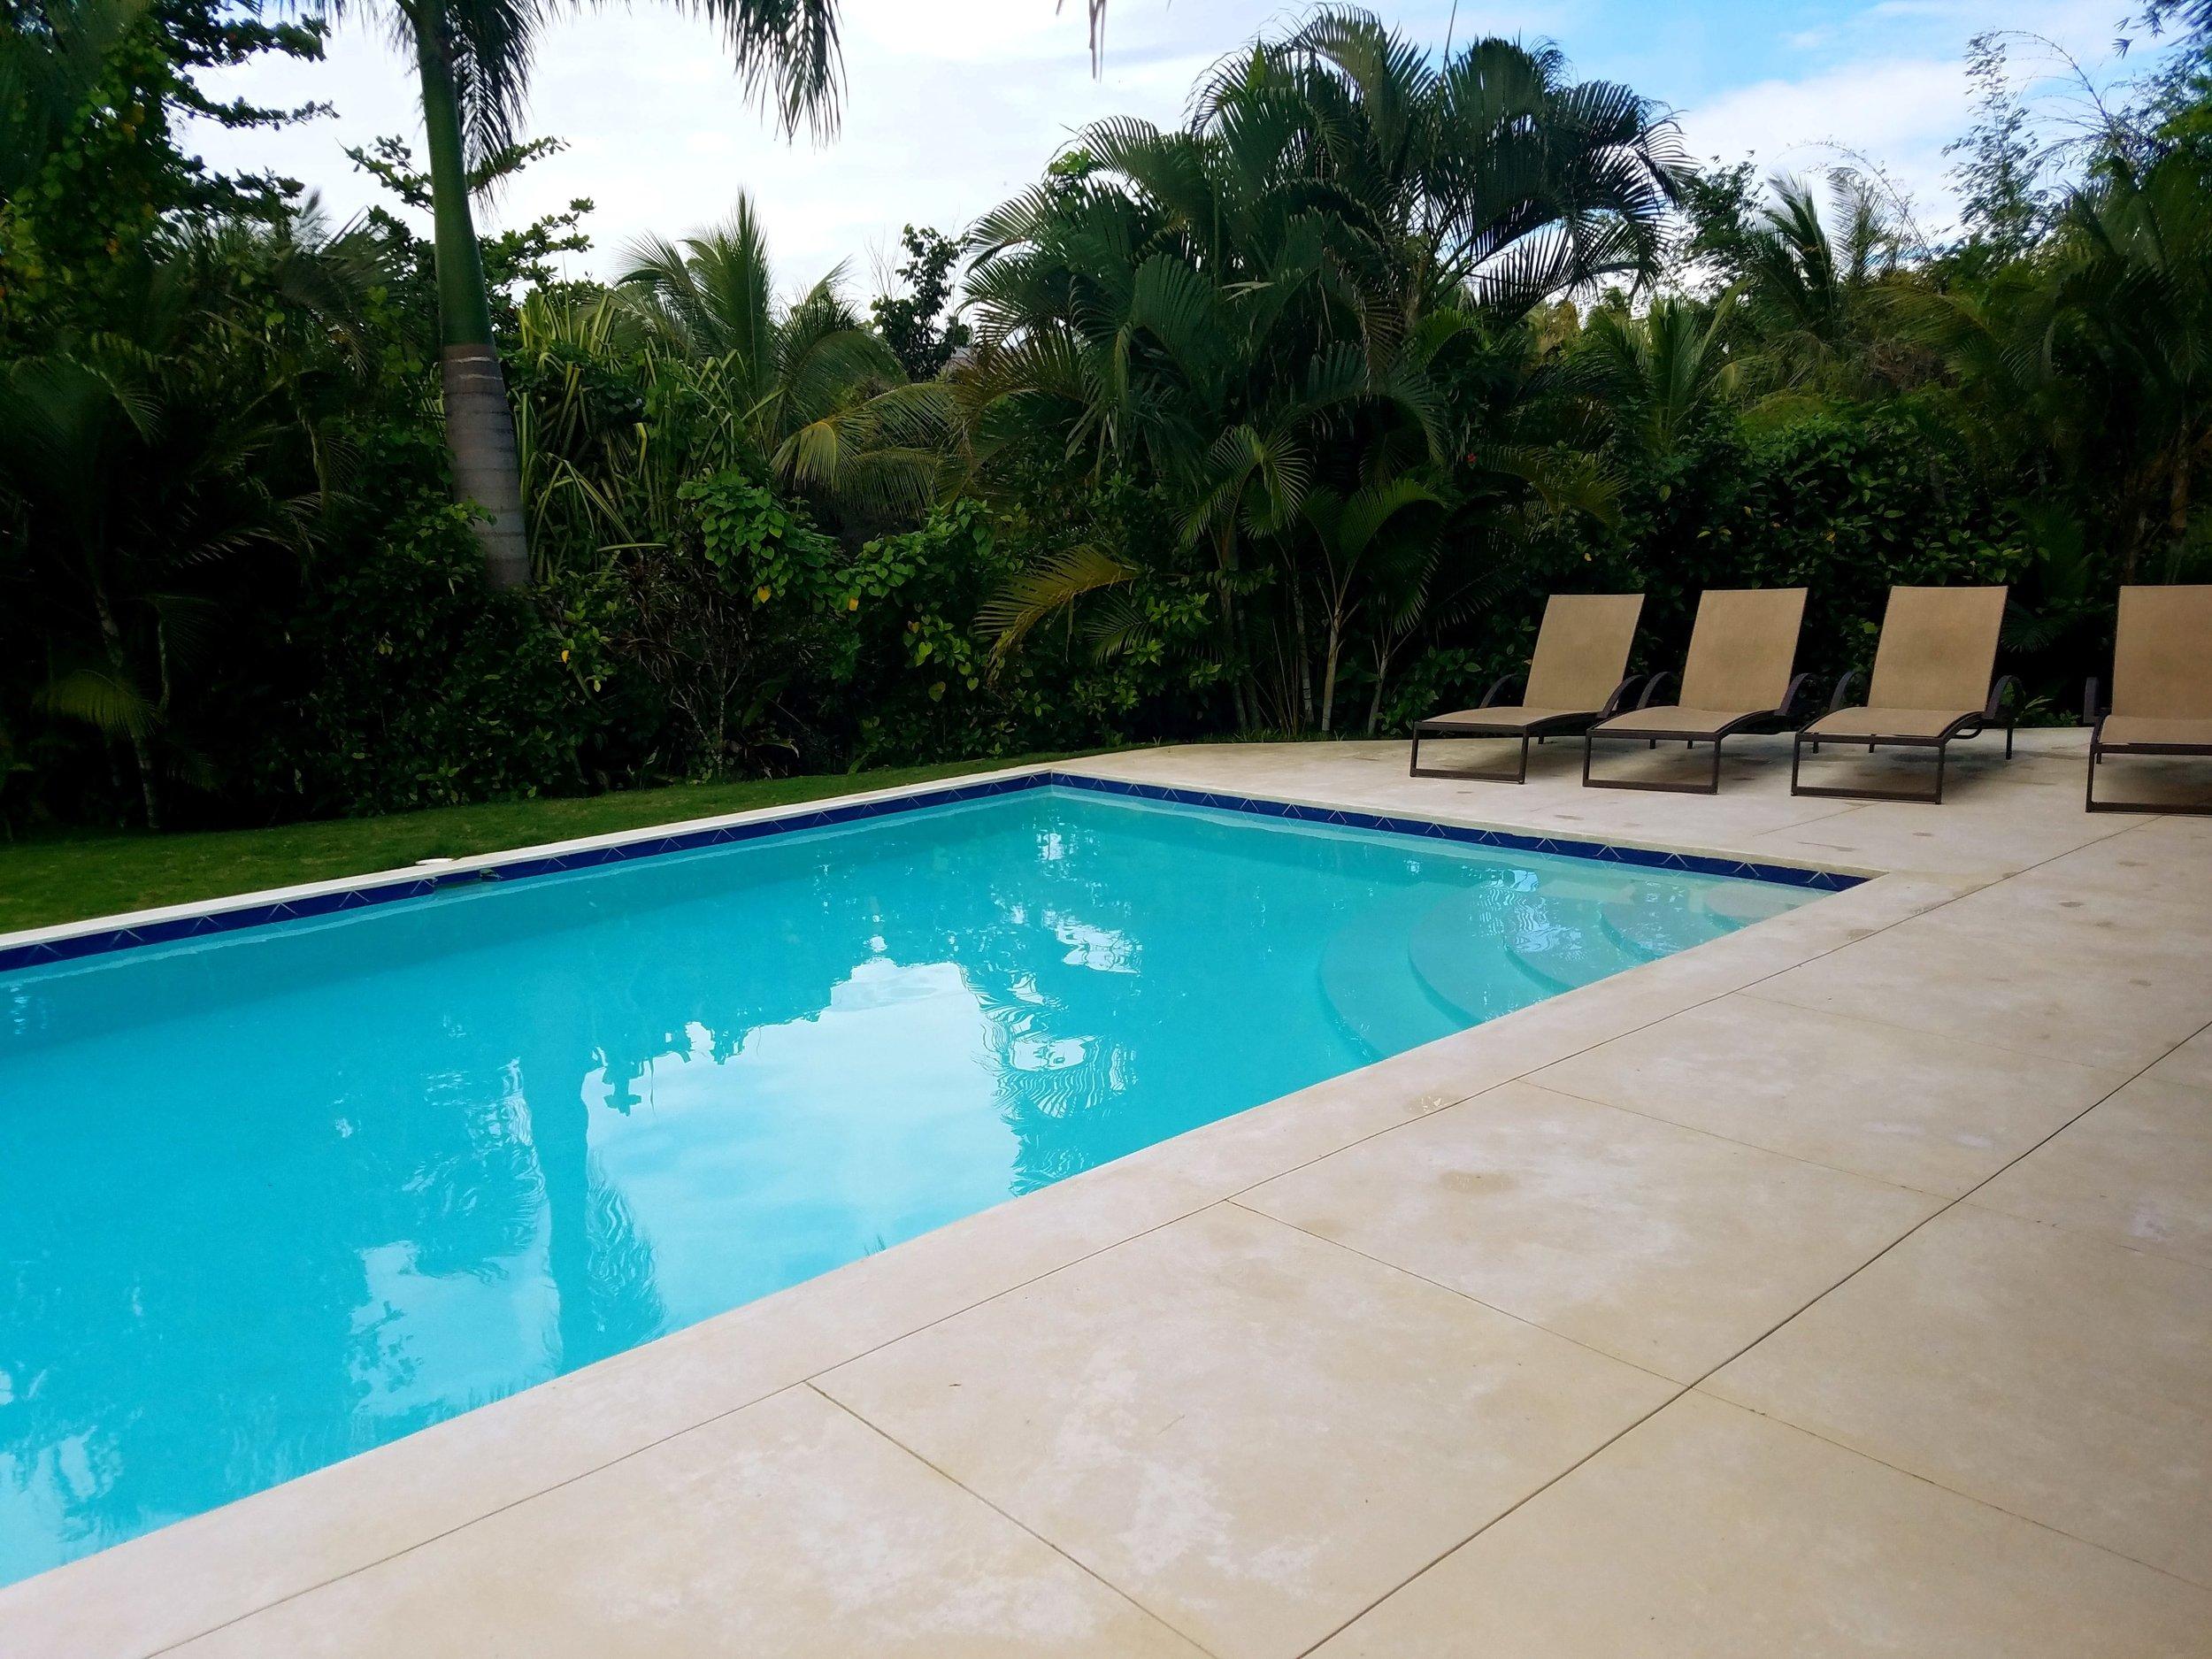 Villa las for rent Las Terrenas Las Flores6-min.jpg